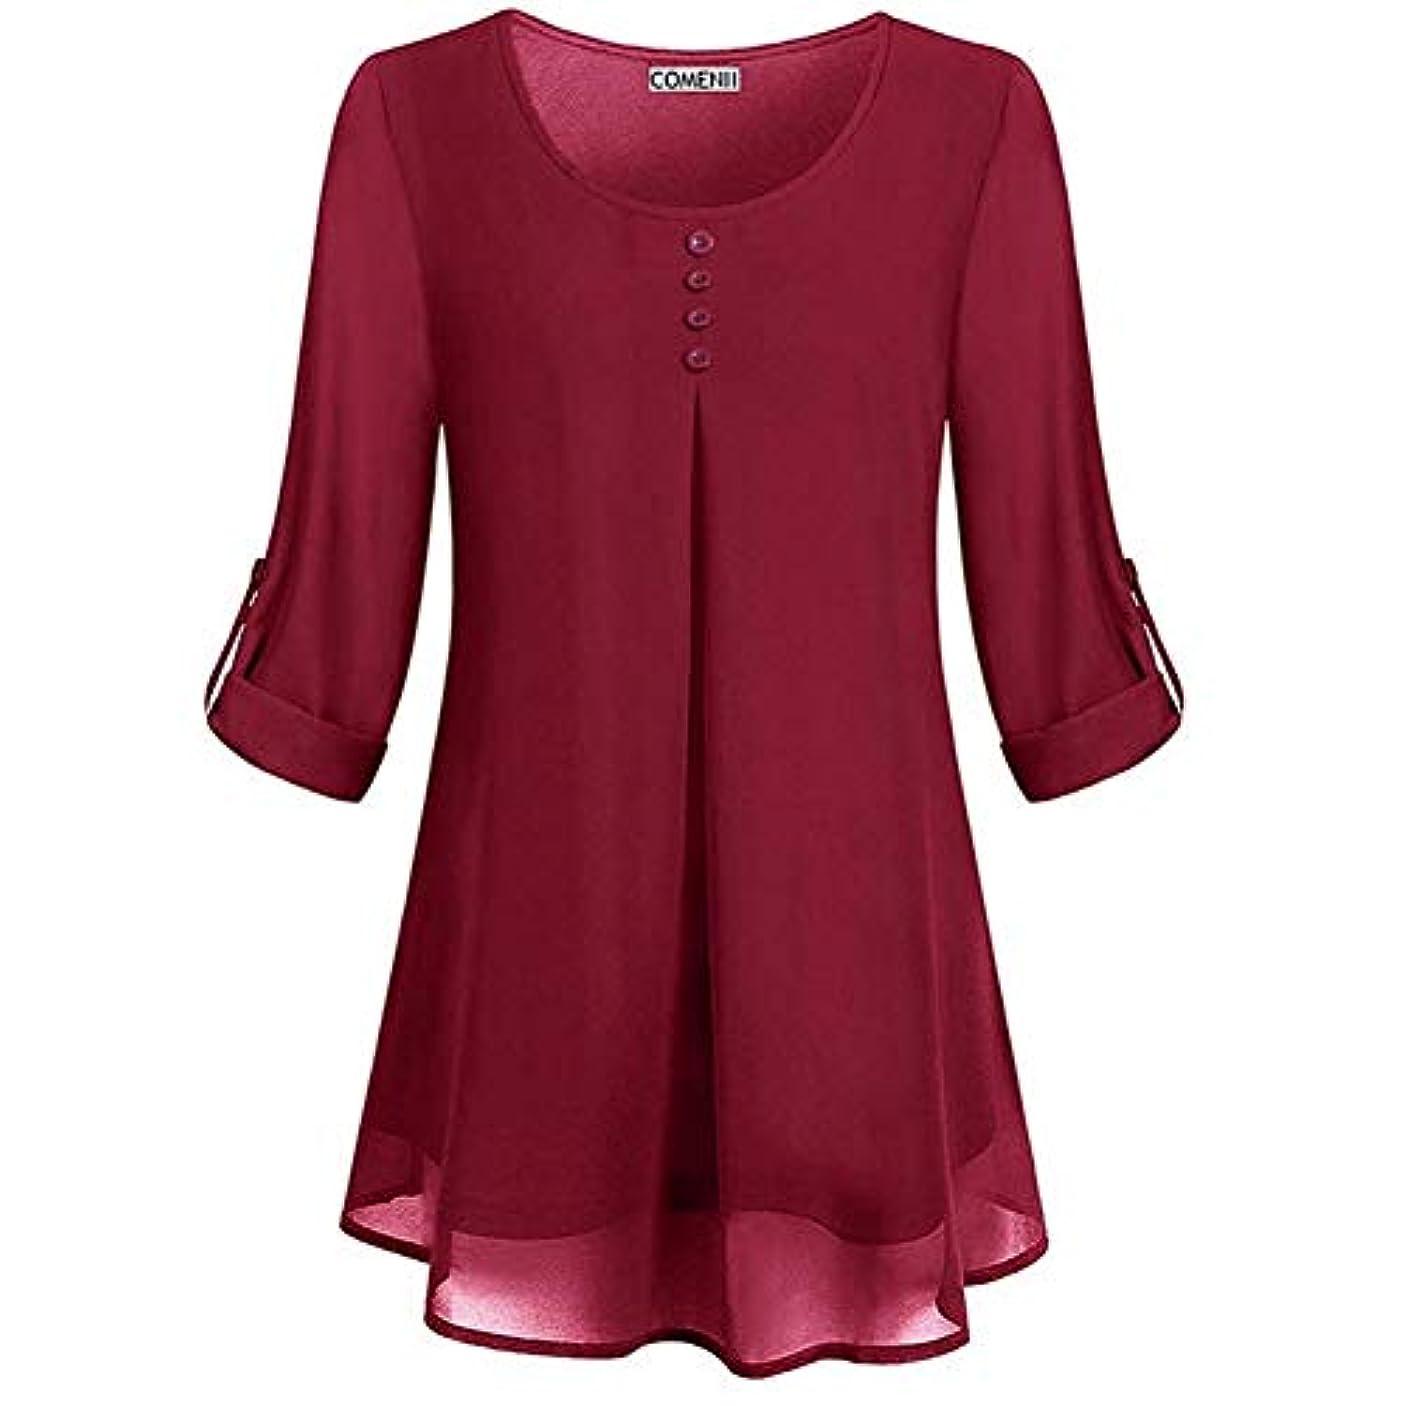 異邦人抑圧する貫通するMIFAN の女性のドレスカジュアルな不規則なドレスルースサマービーチTシャツドレス